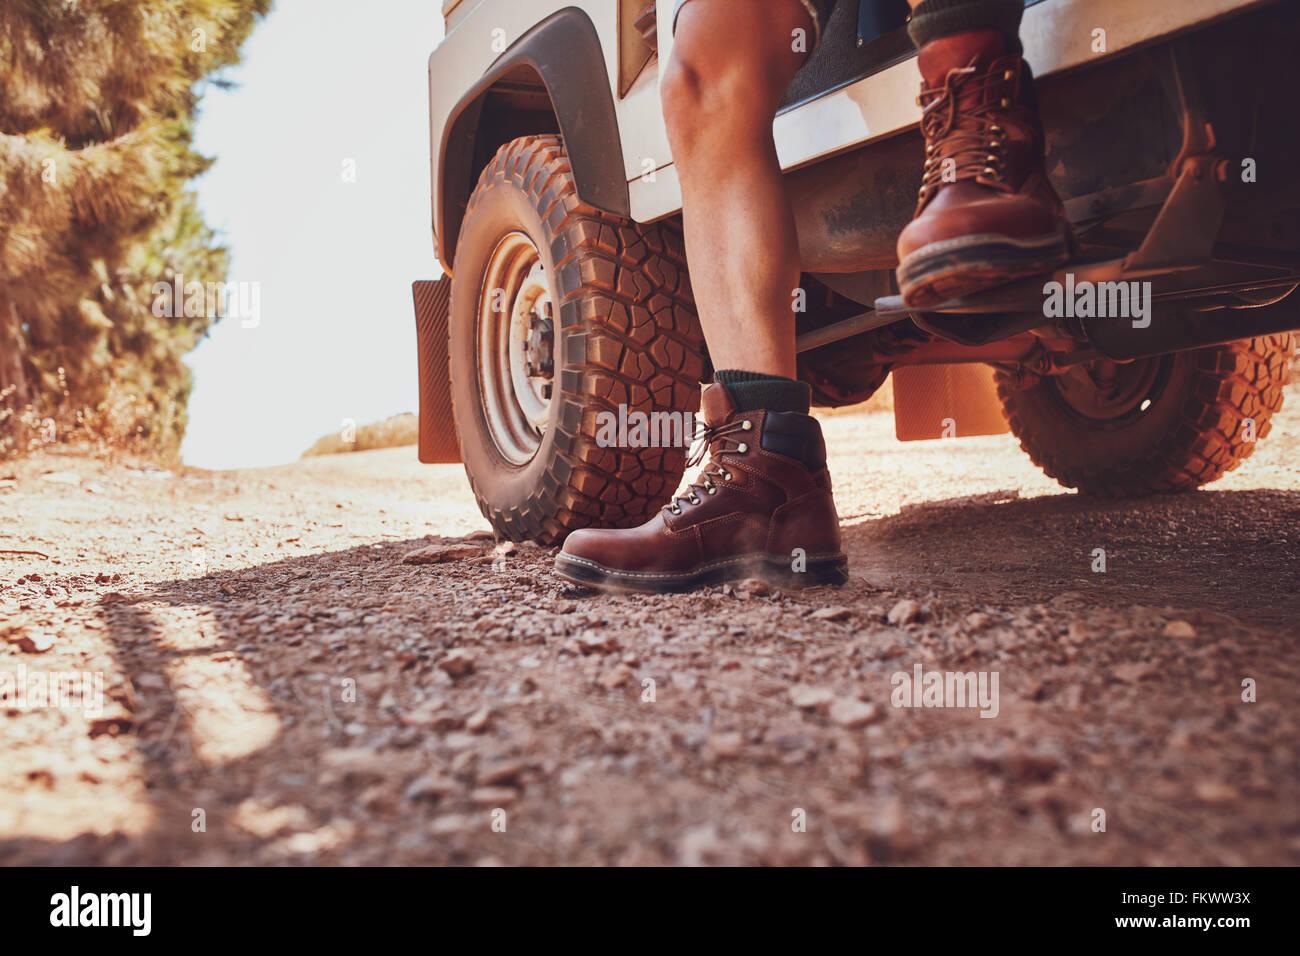 Nahaufnahme von männlichen Bein mit Lederschuh heraustreten aus einer off-Road-Fahrzeug. Auto auf dem Feldweg Stockbild